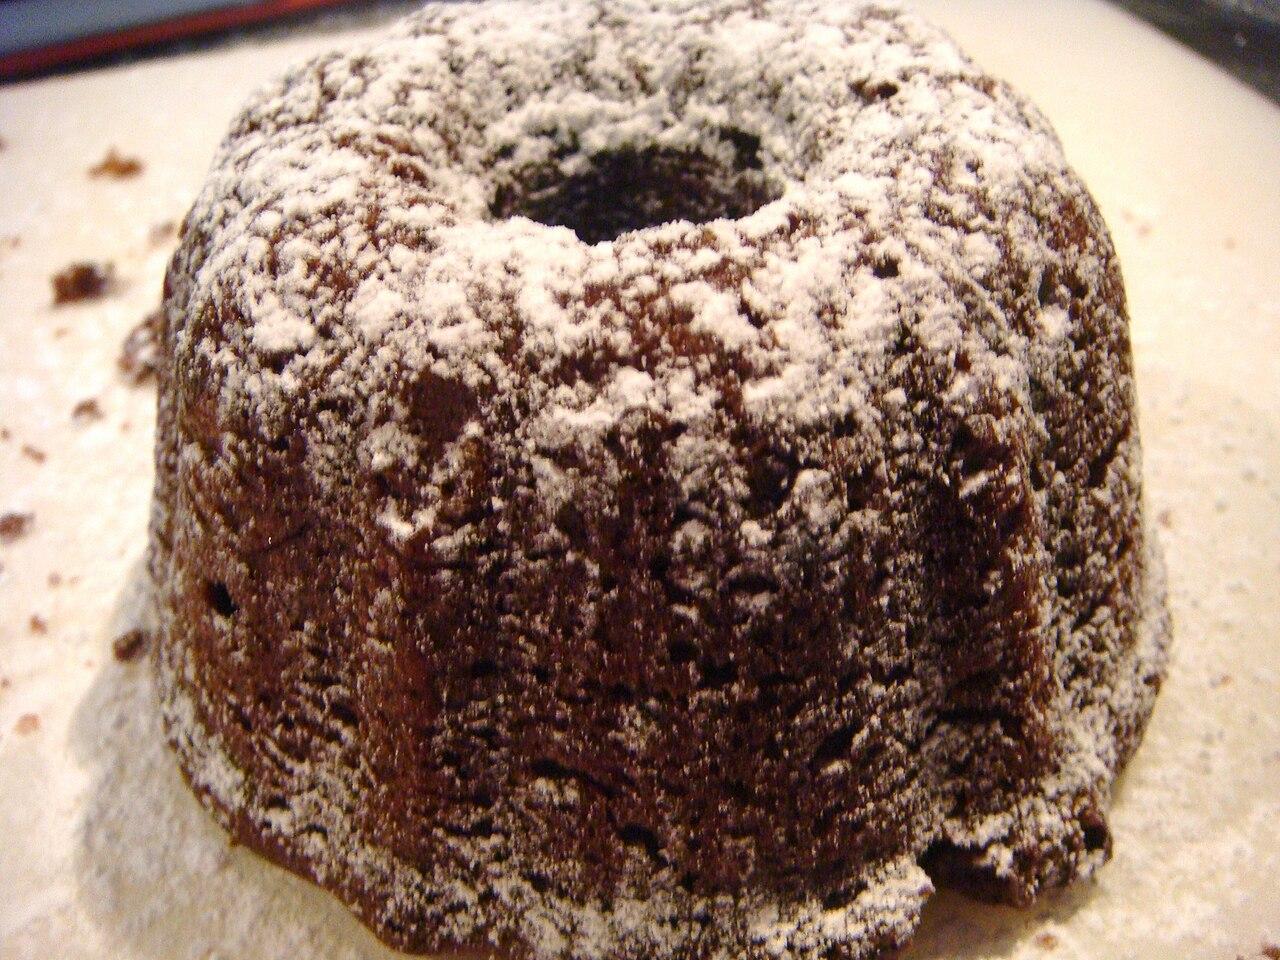 Cinnamon Bundt Cake Recipe Using Yellow Cake Mix